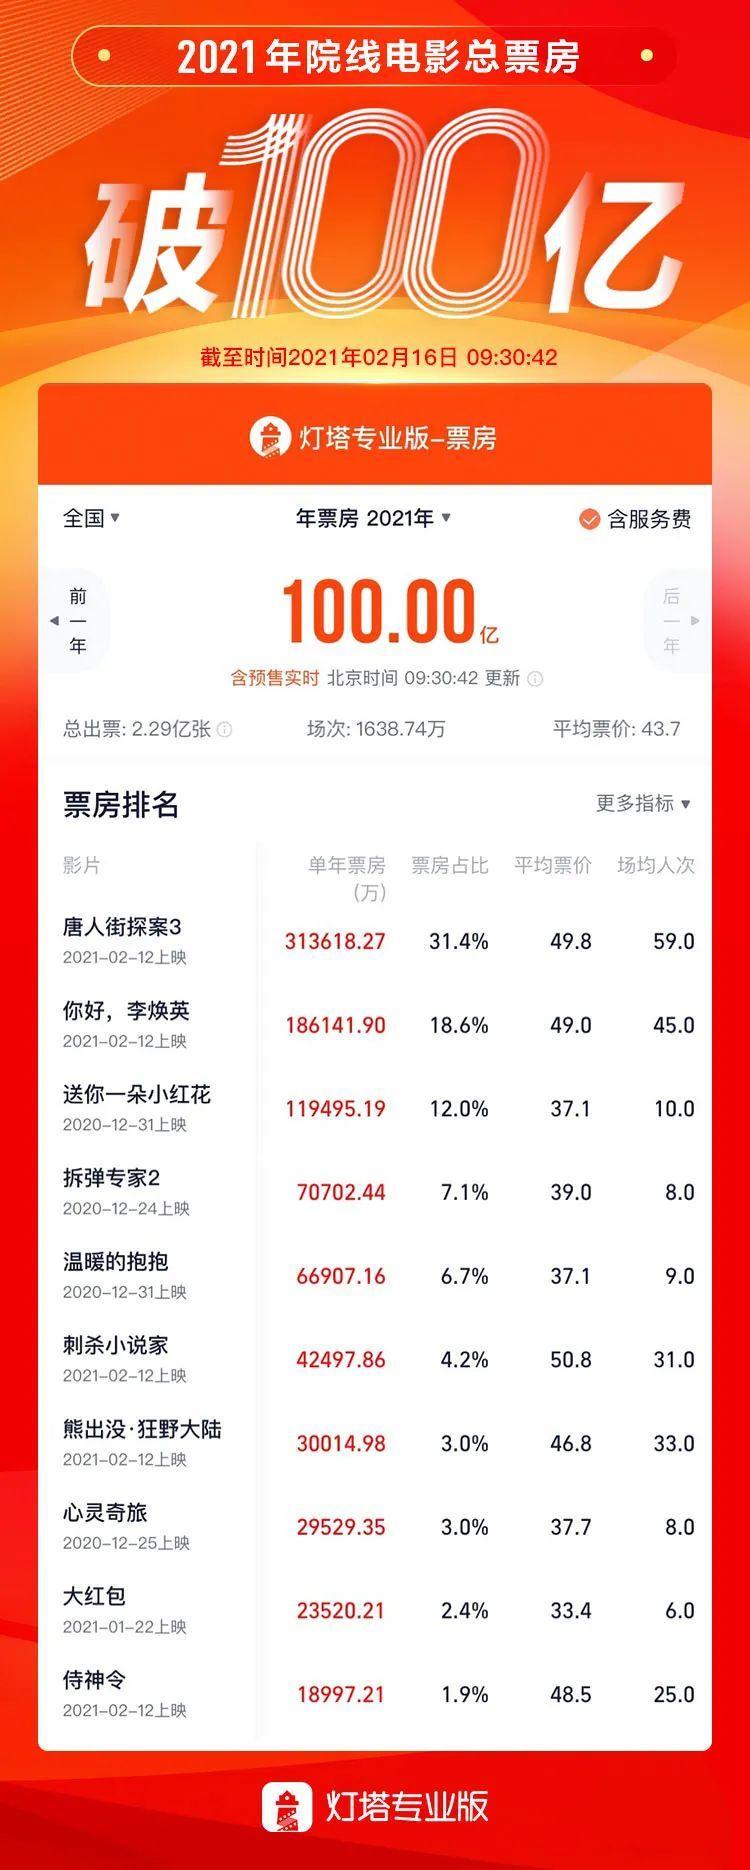 2008年中国电影总票房突破100亿!贾玲成是女导演中票房最高的